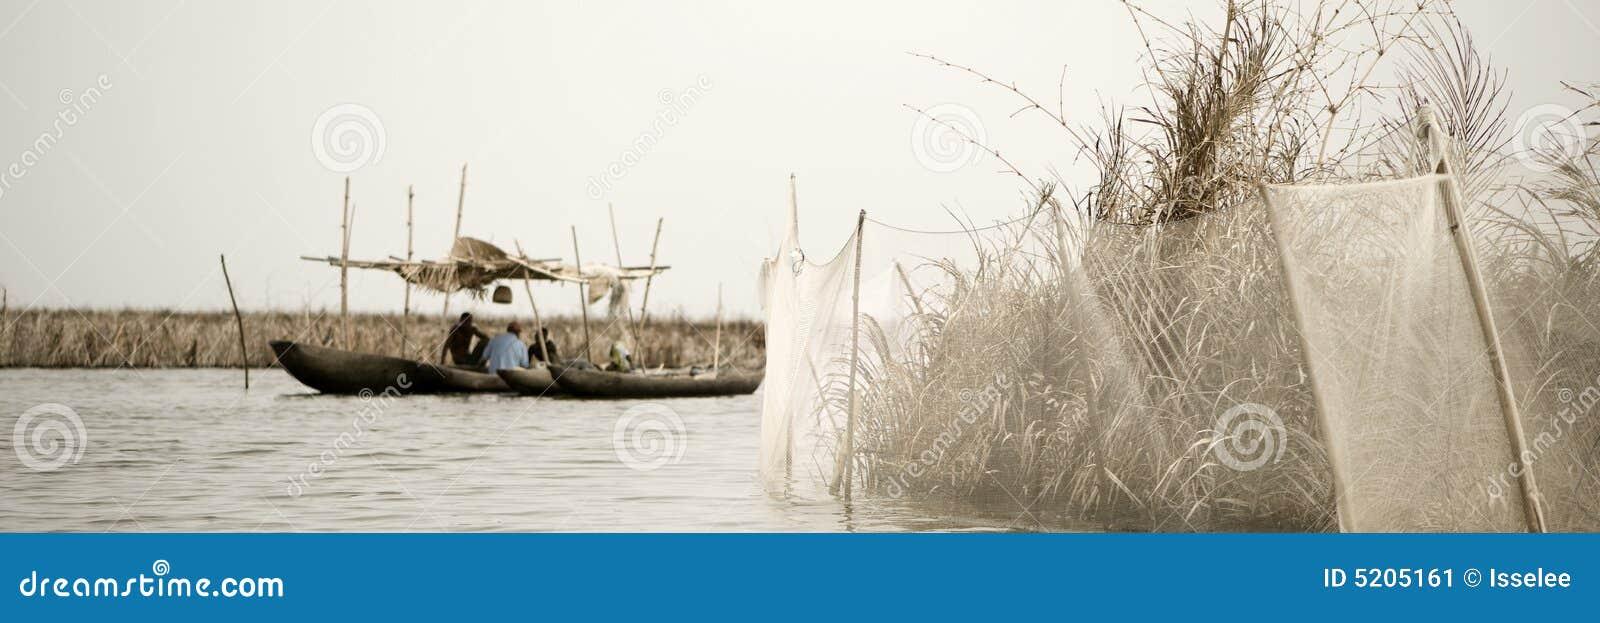 Desporto de barco em África